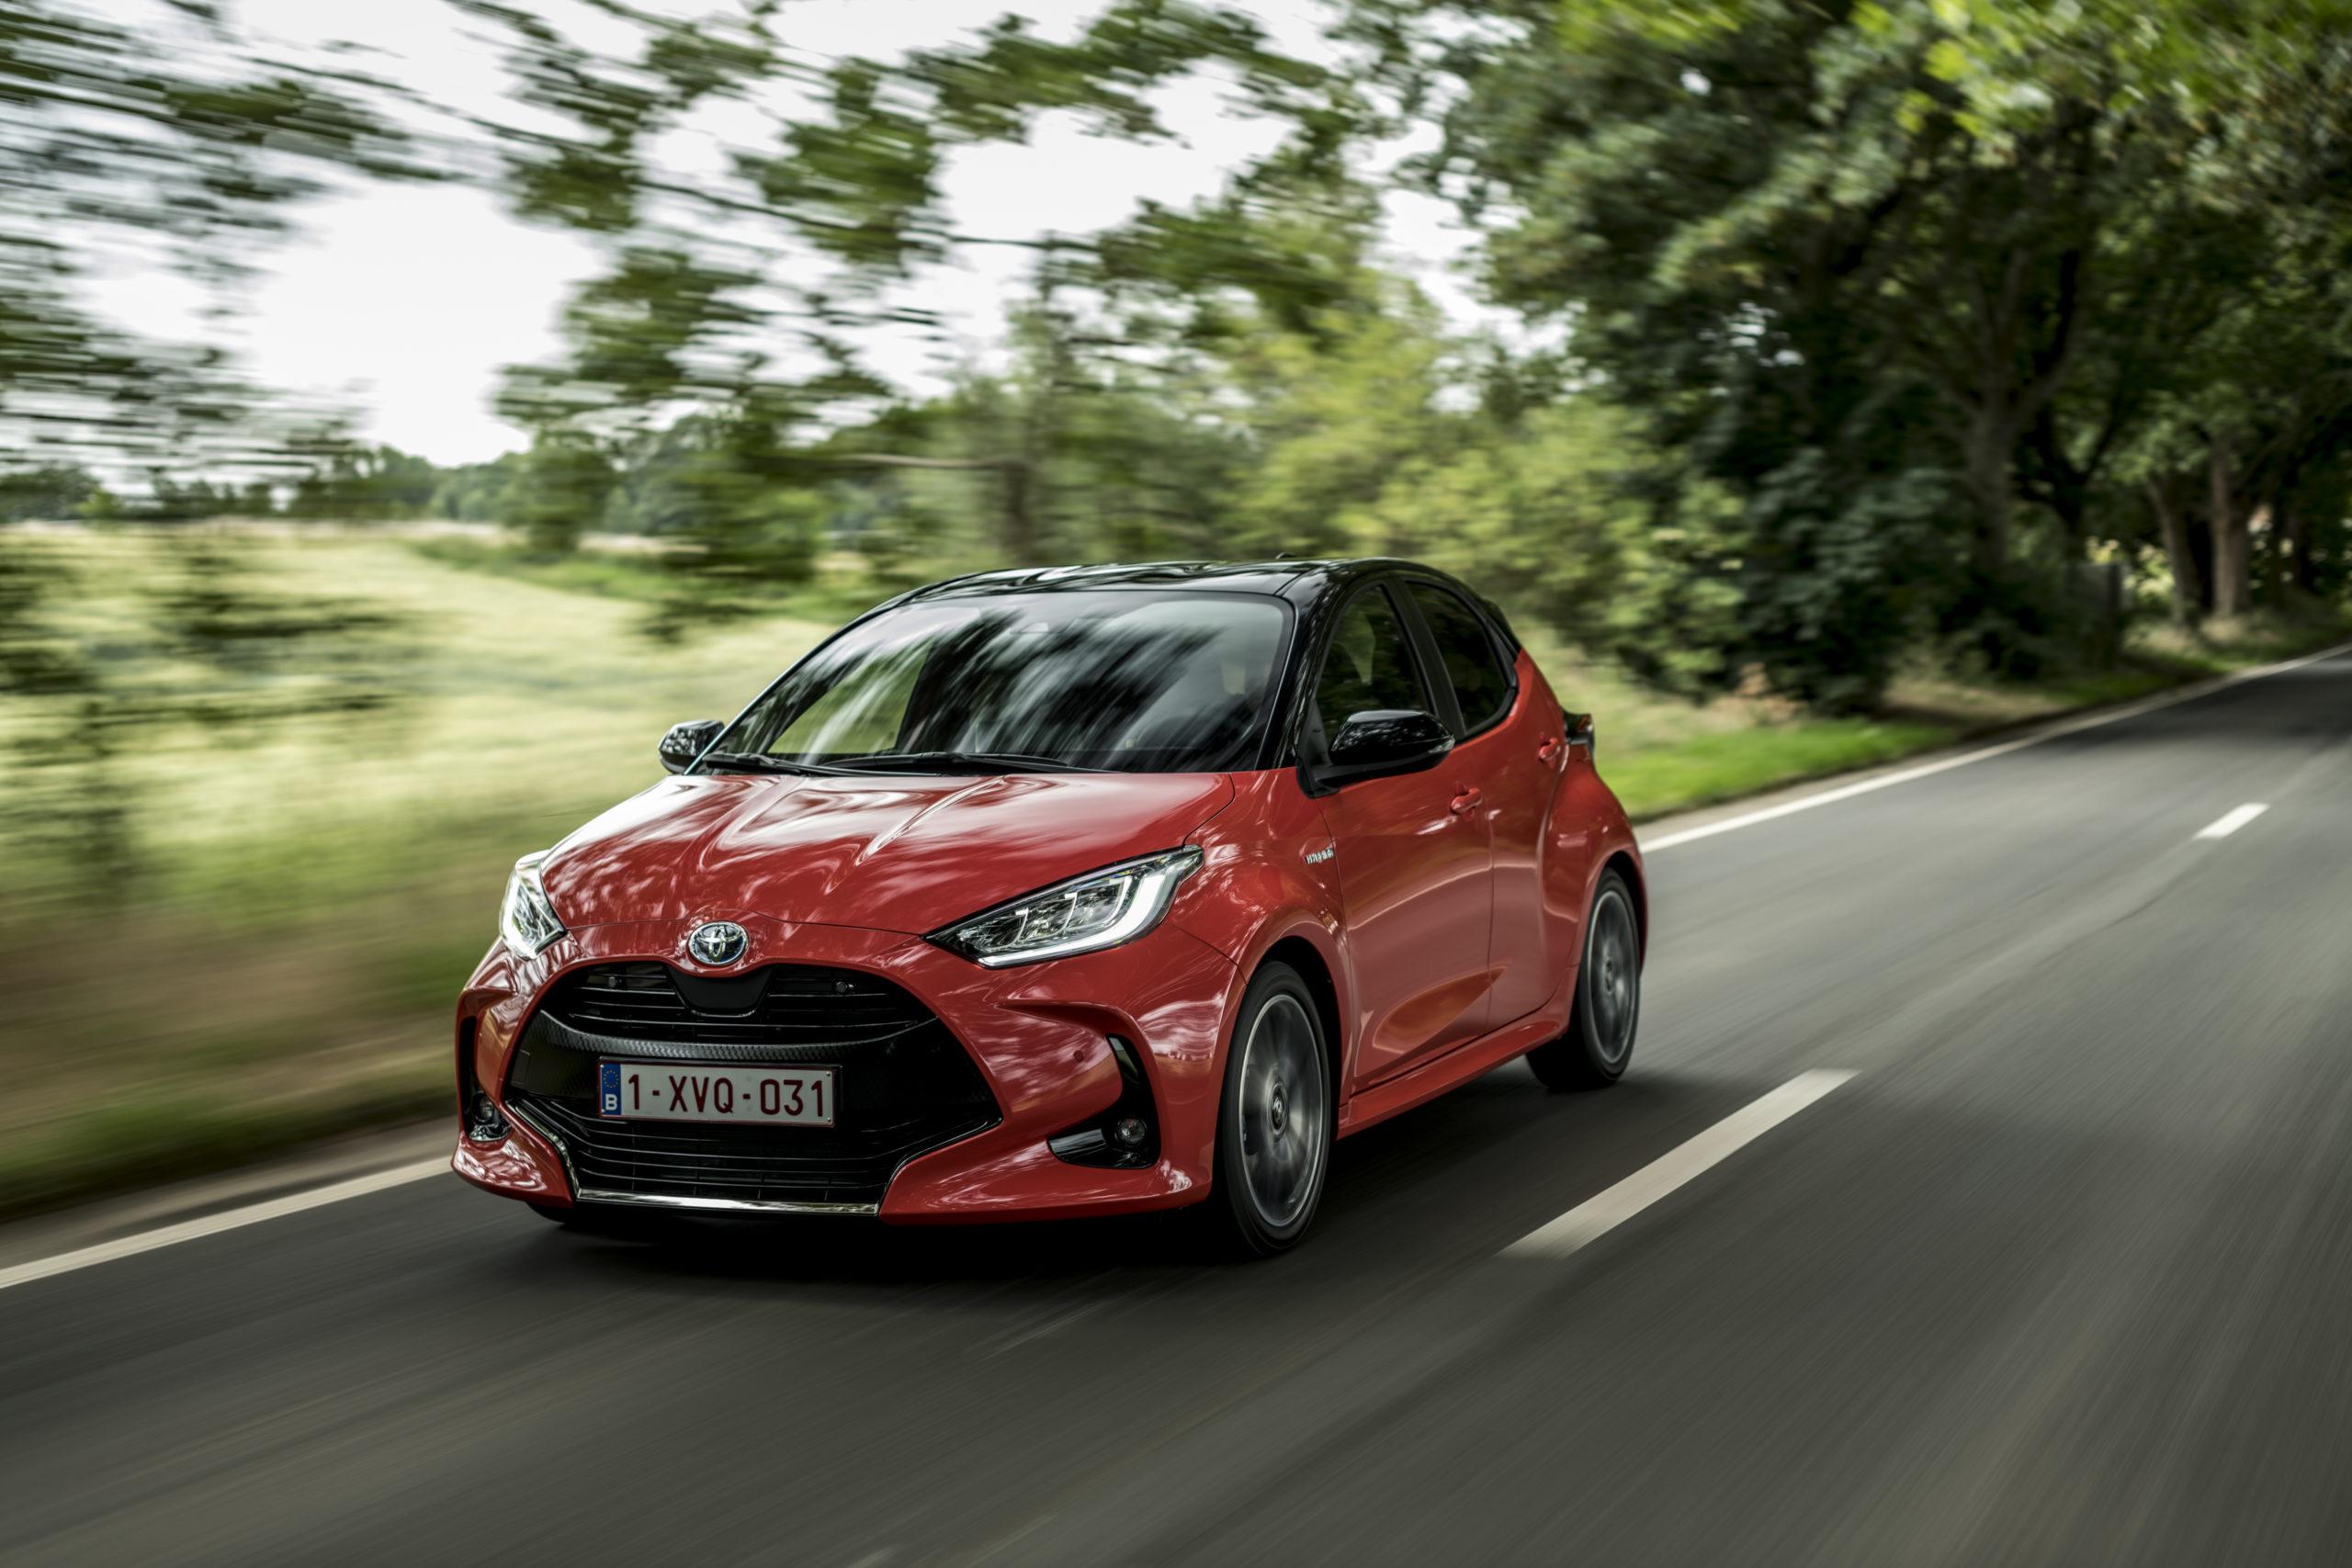 WeHybrid insurance, con la Toyota Yaris Hybrid se viaggi a zero emissioni non paghi l'assicurazione